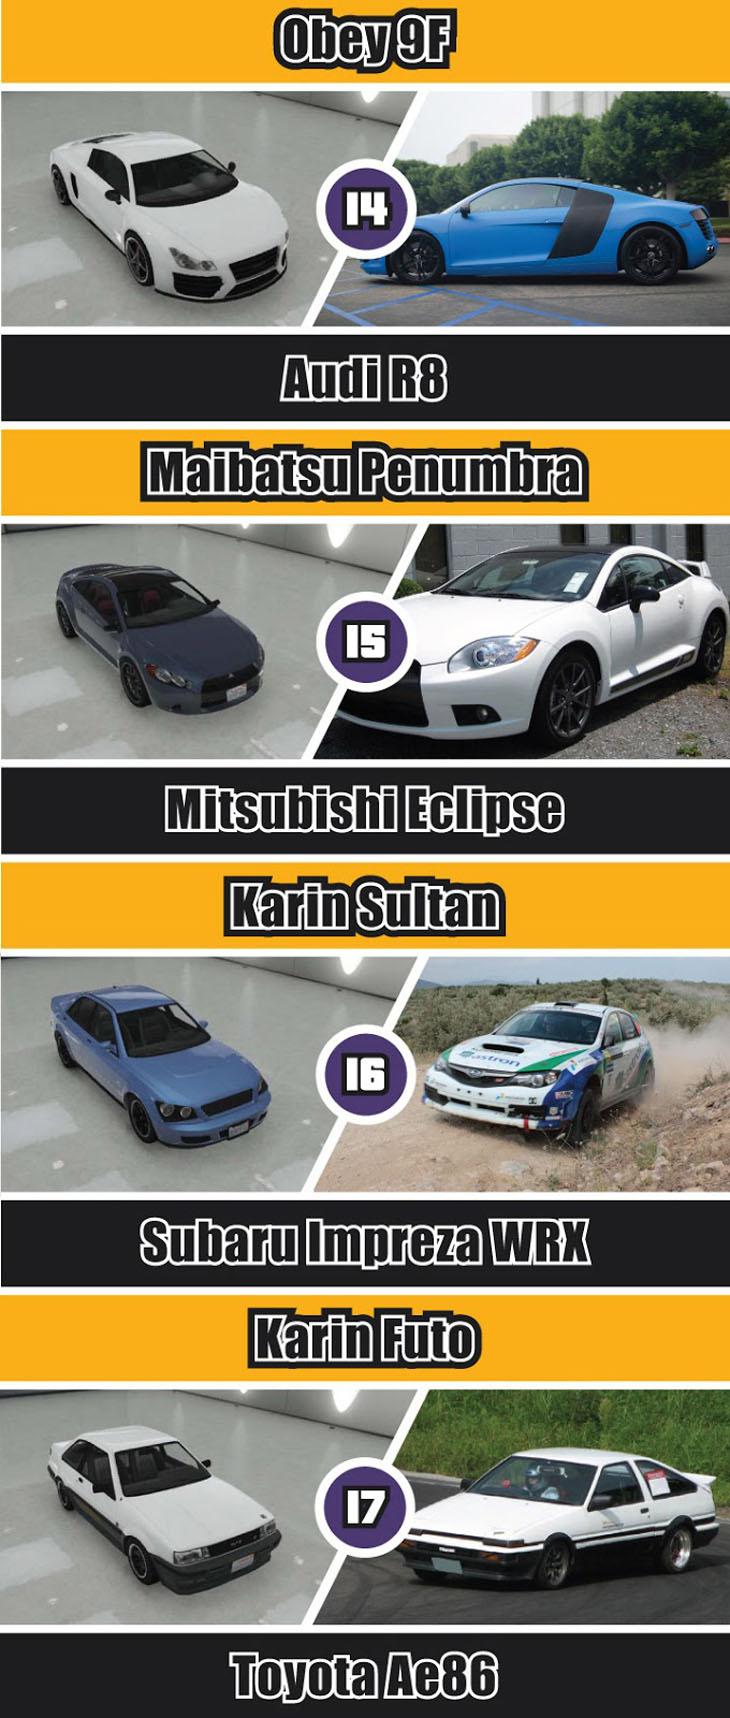 50 GTA V cars and their Real World counterparts | Diseno-Art